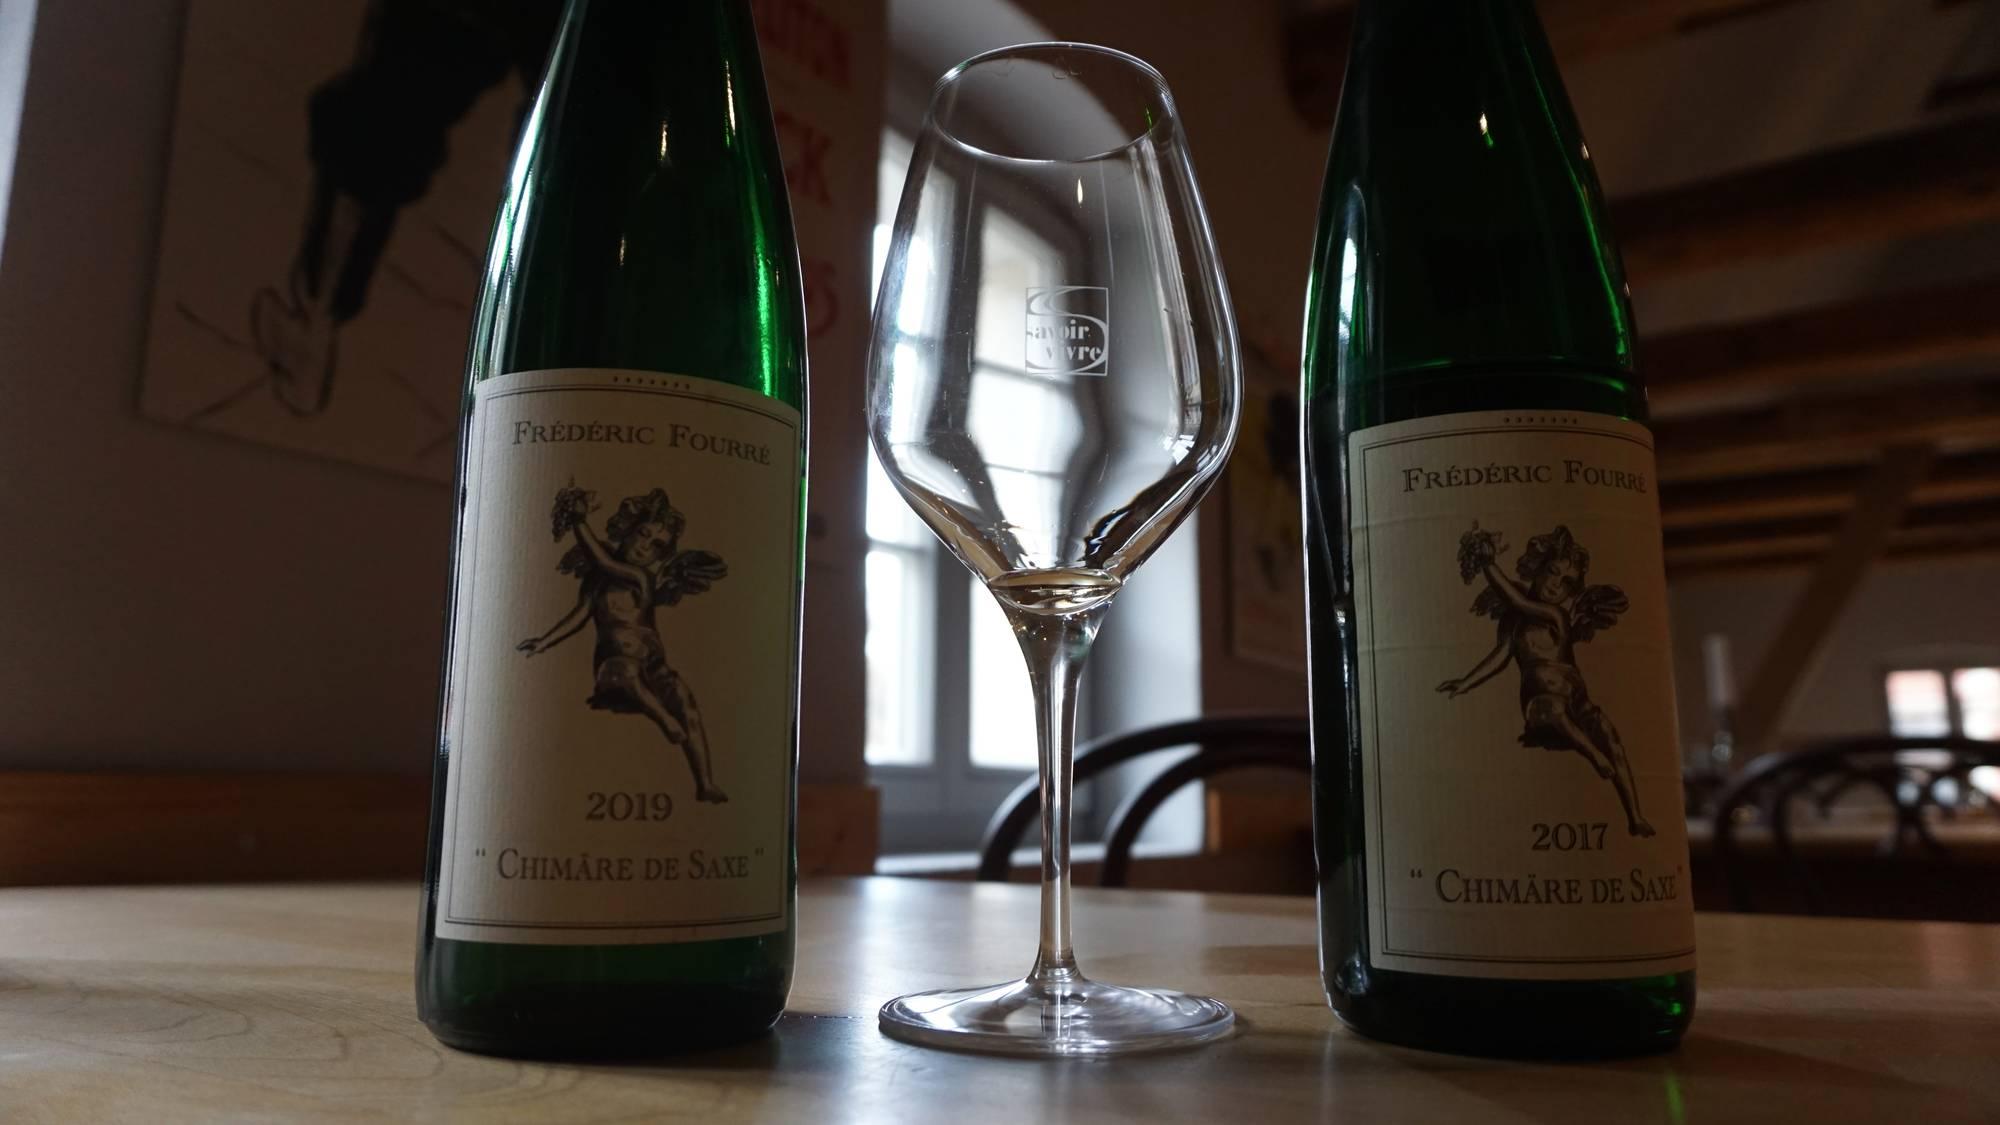 Der Chimäre de Saxe von 2017 beinhaltet die selben Rebsorten wie der von 2019, schmeckt aber viel reifer. Foto: Elisabeth Renneberg